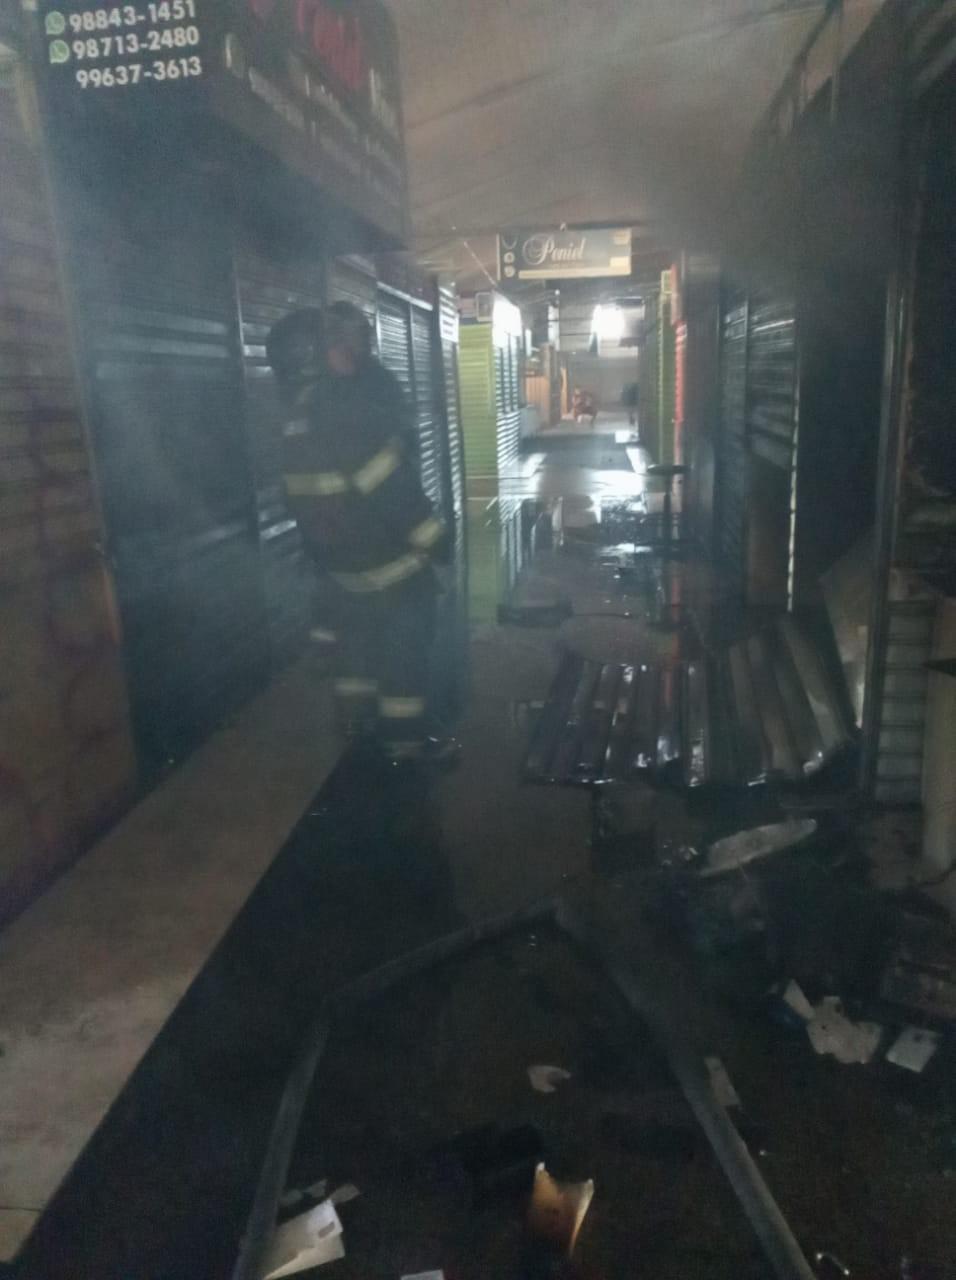 Lojas e barracos pegam fogo em feiras de Maceió e Arapiraca - Notícias - Plantão Diário